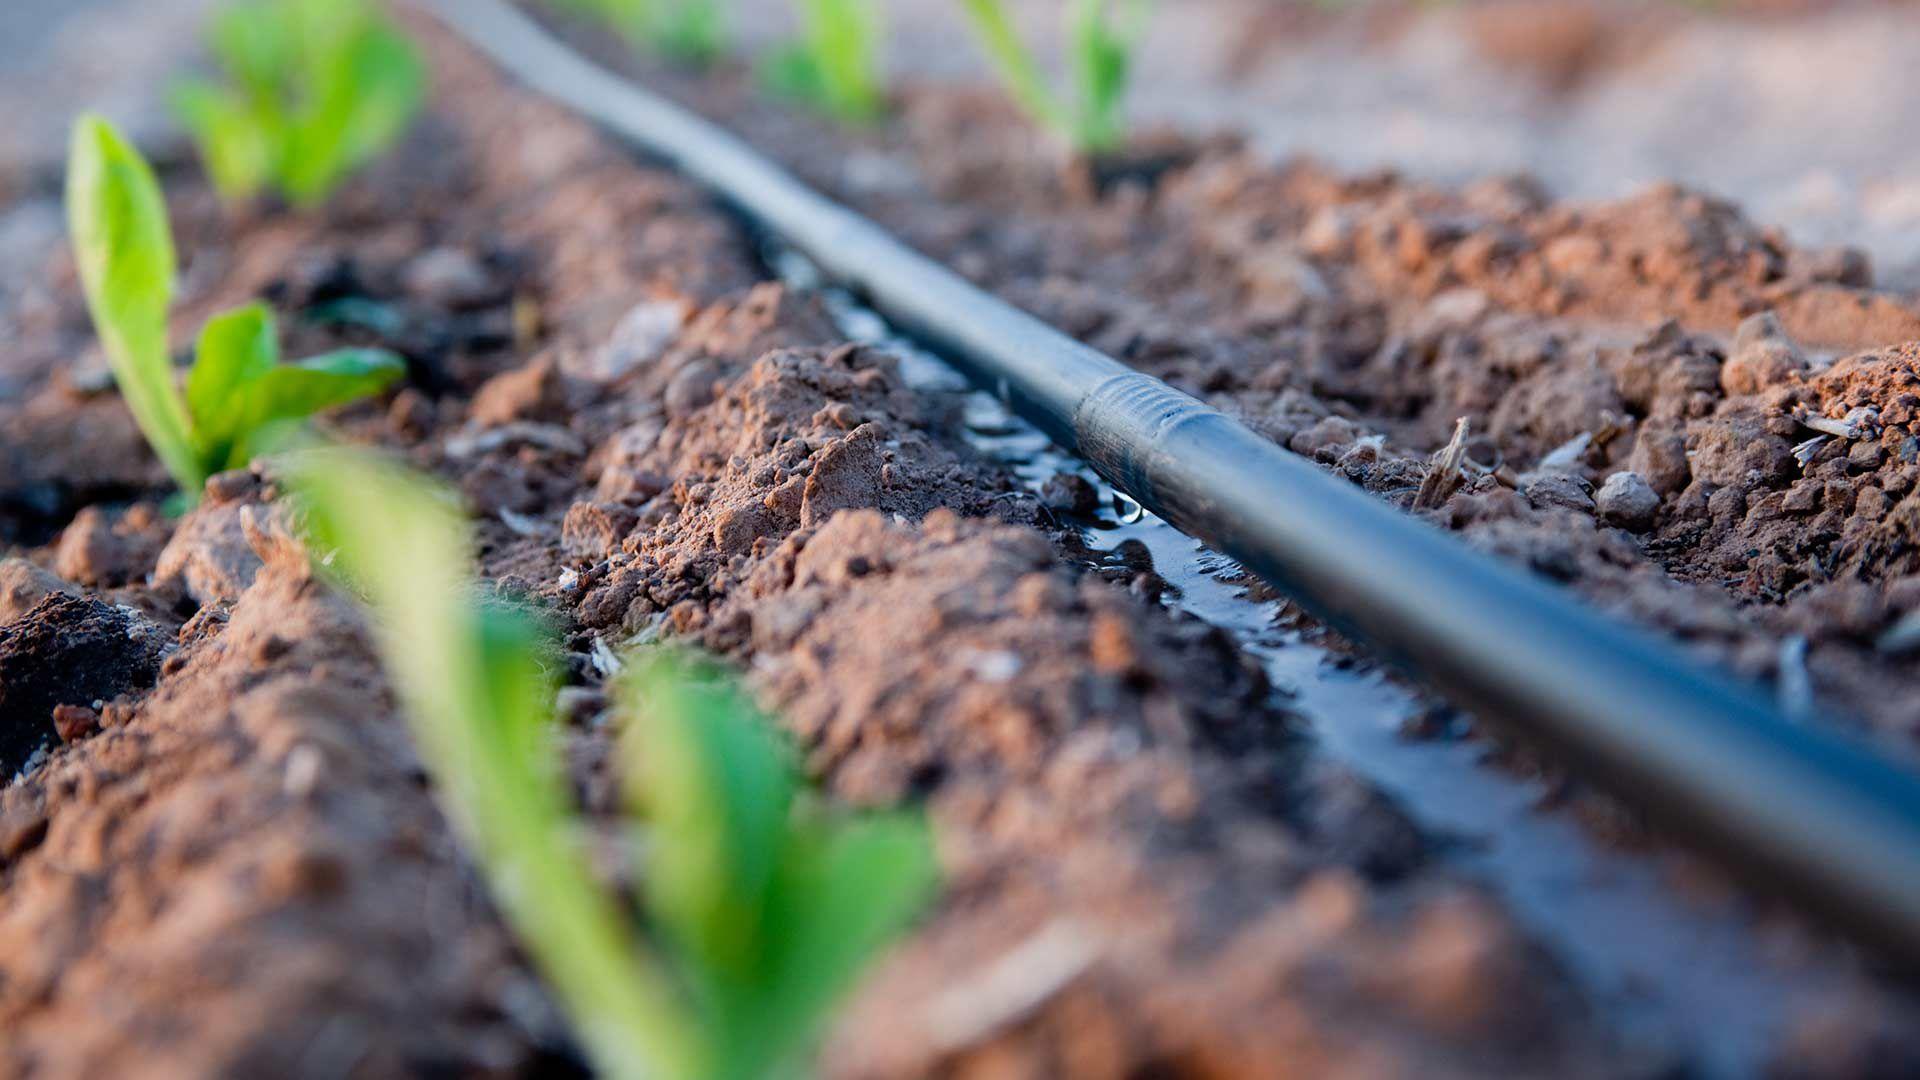 Damla sulama sisteminde su, bitkinin kök bölgesine damlalar olarak uygulandığından, verim artışı ve su tasarrufu sağlar.